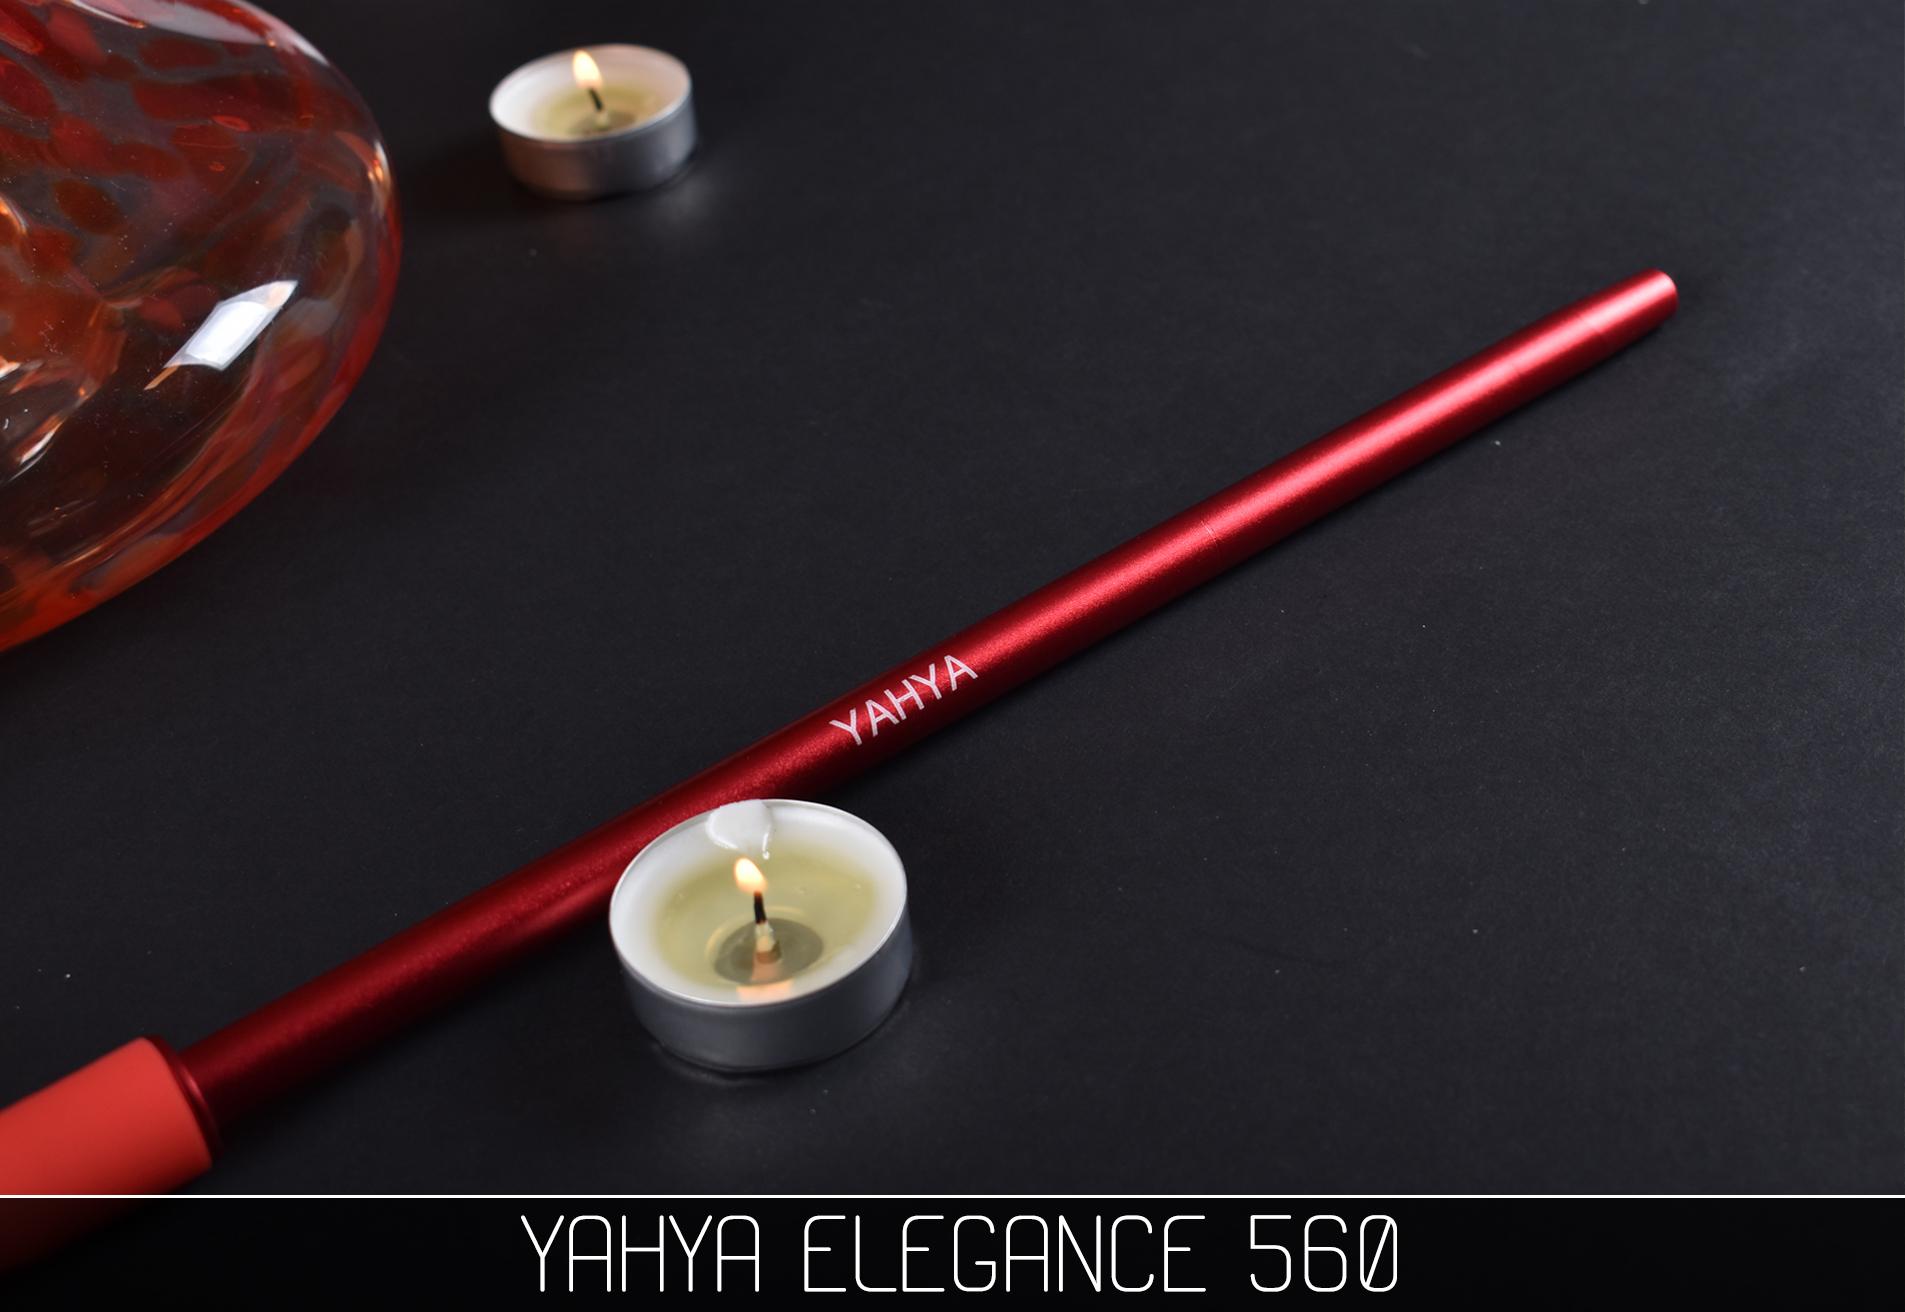 Кальян Yahya Elegance 560 красный - фото 6 - Kalyanchik.ua